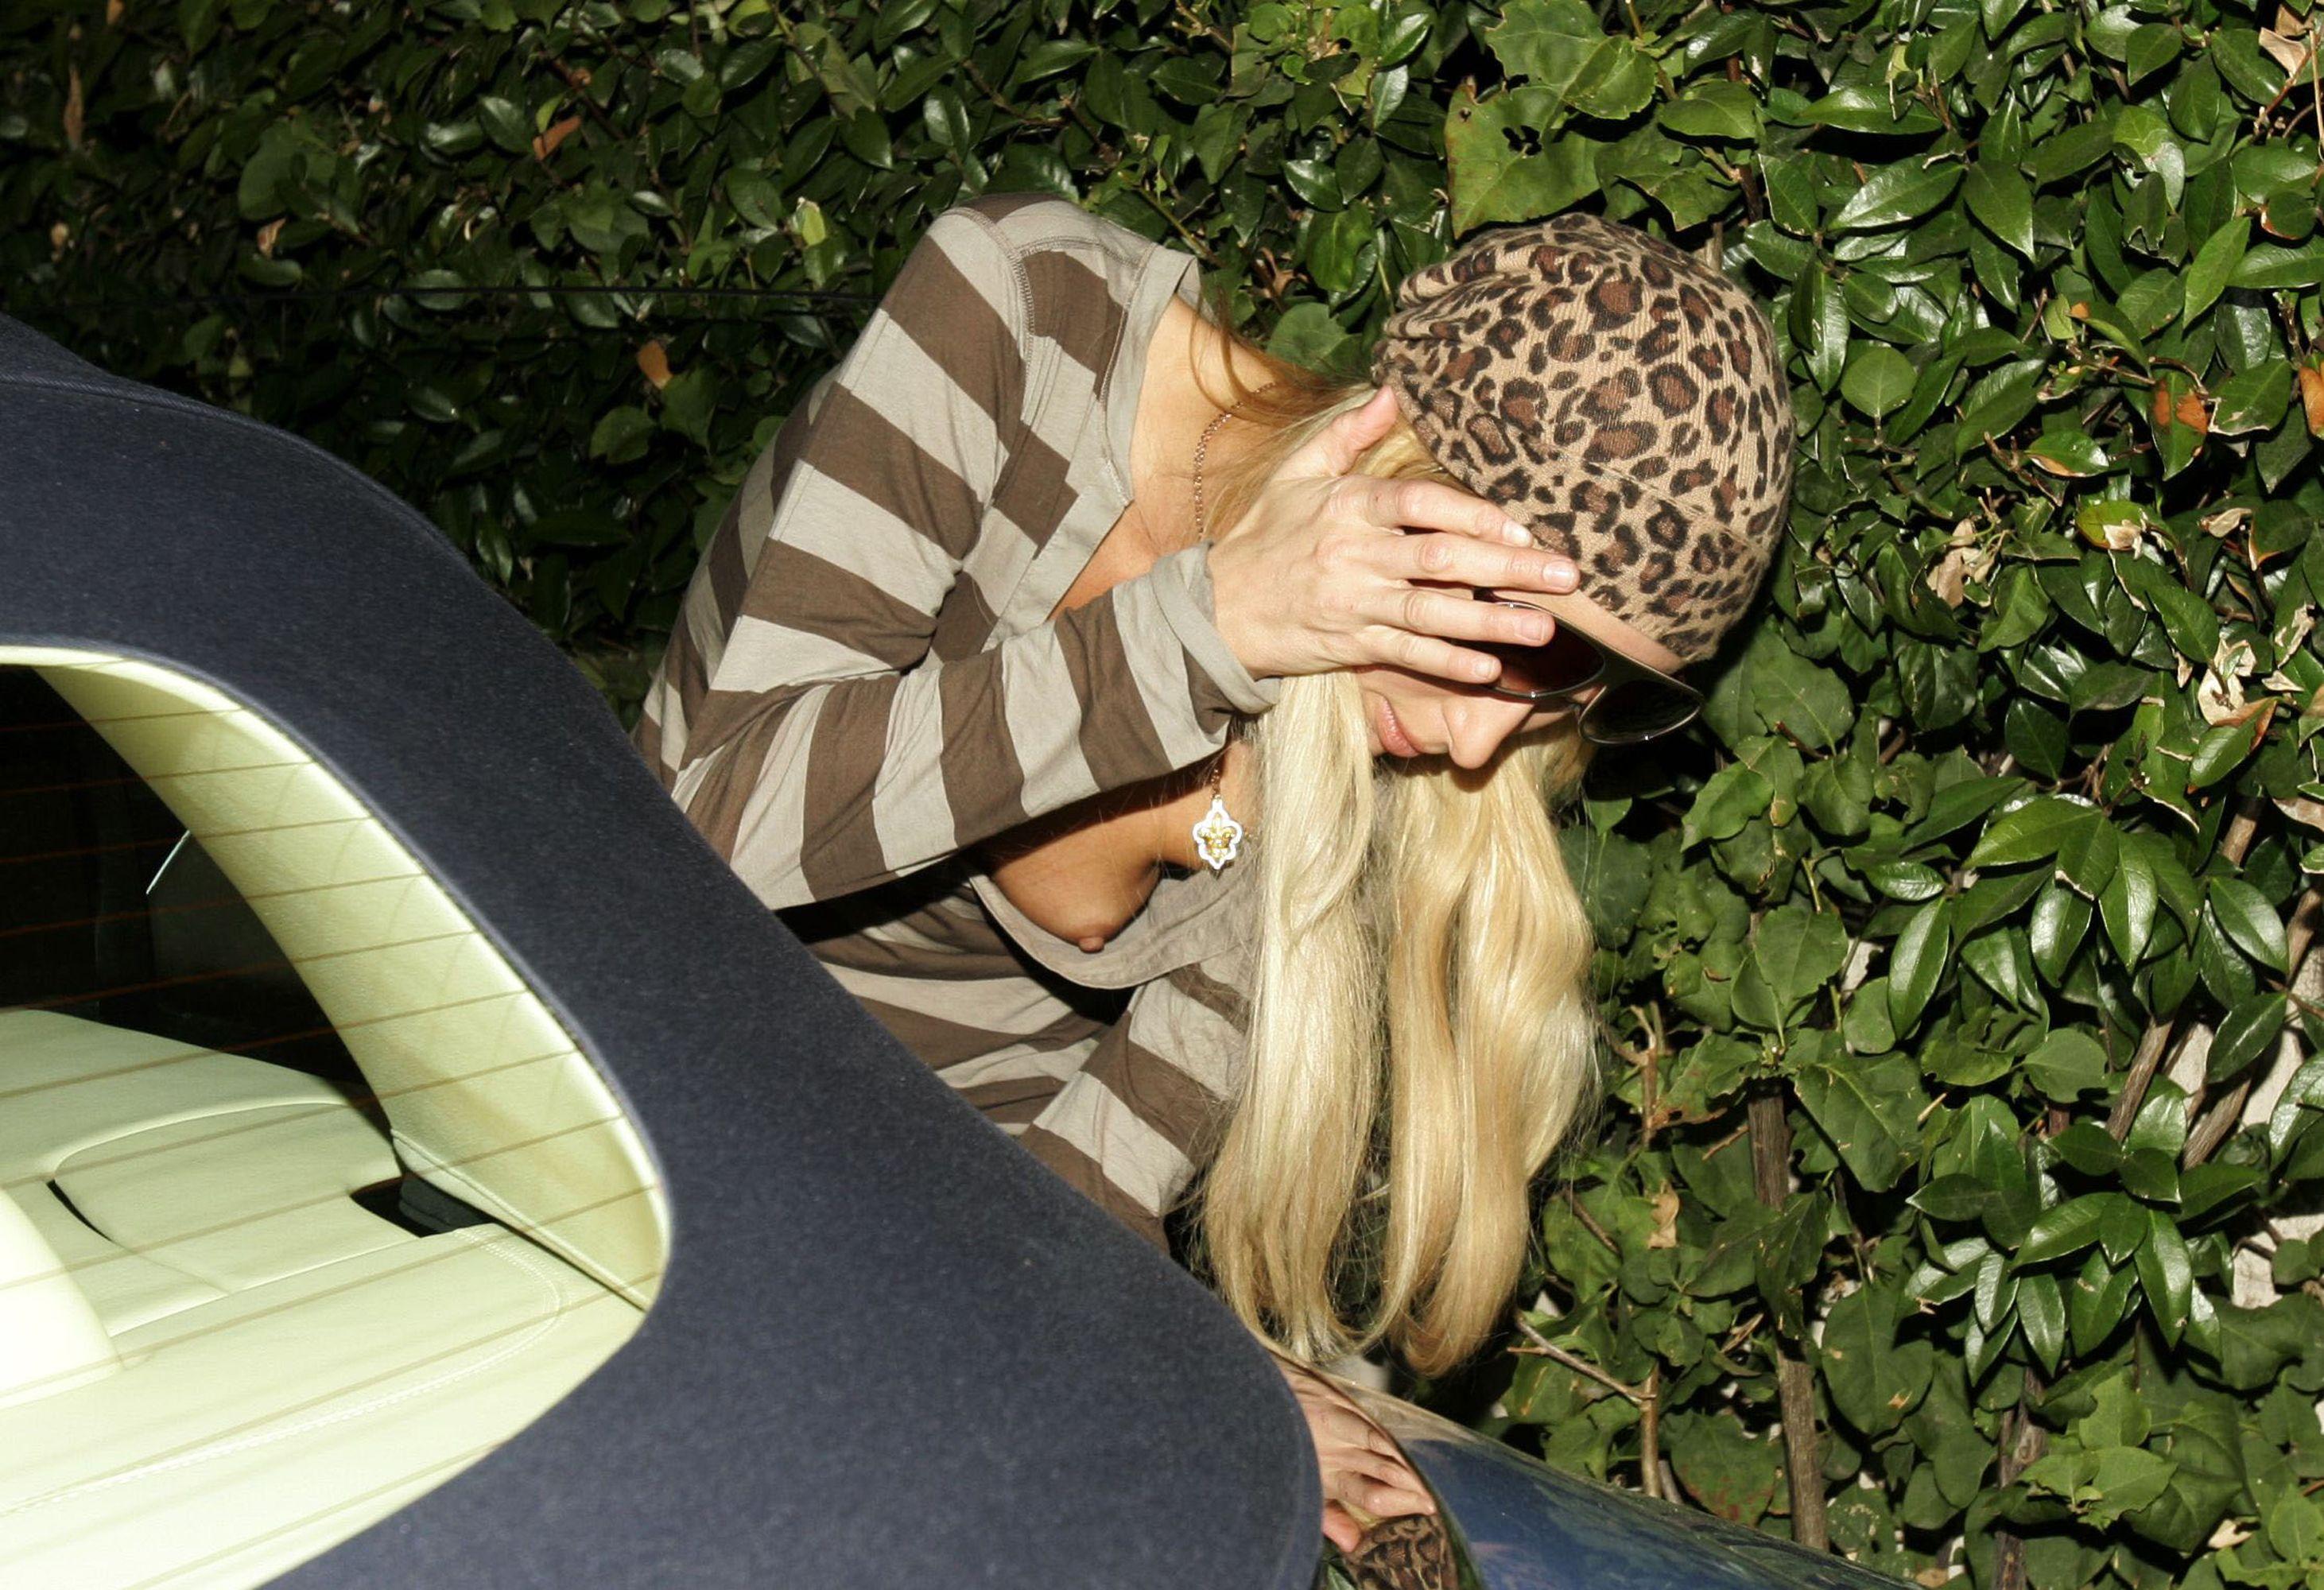 Paris Hilton xxx image